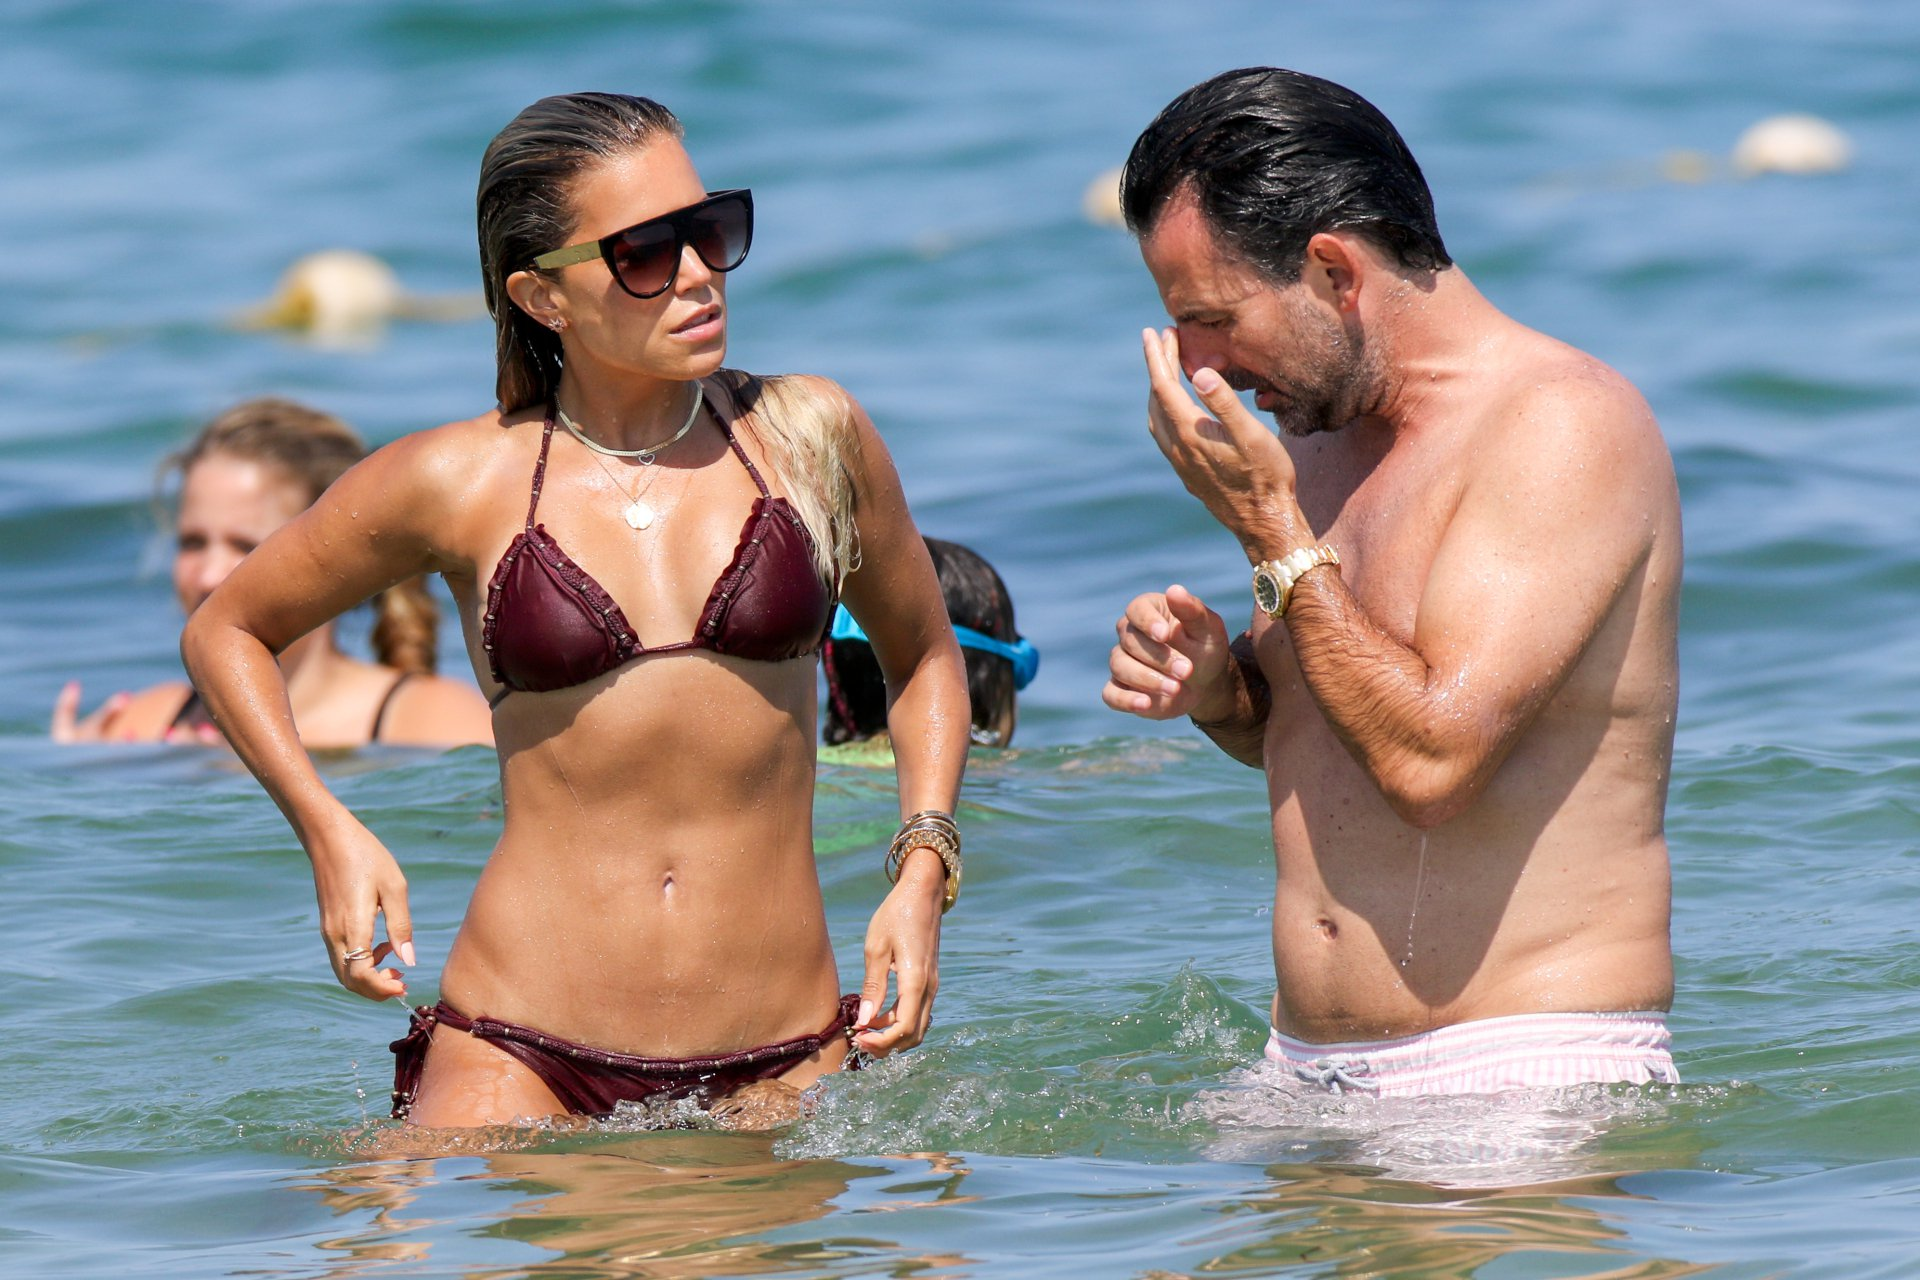 Sylvie Meis Bikini Body